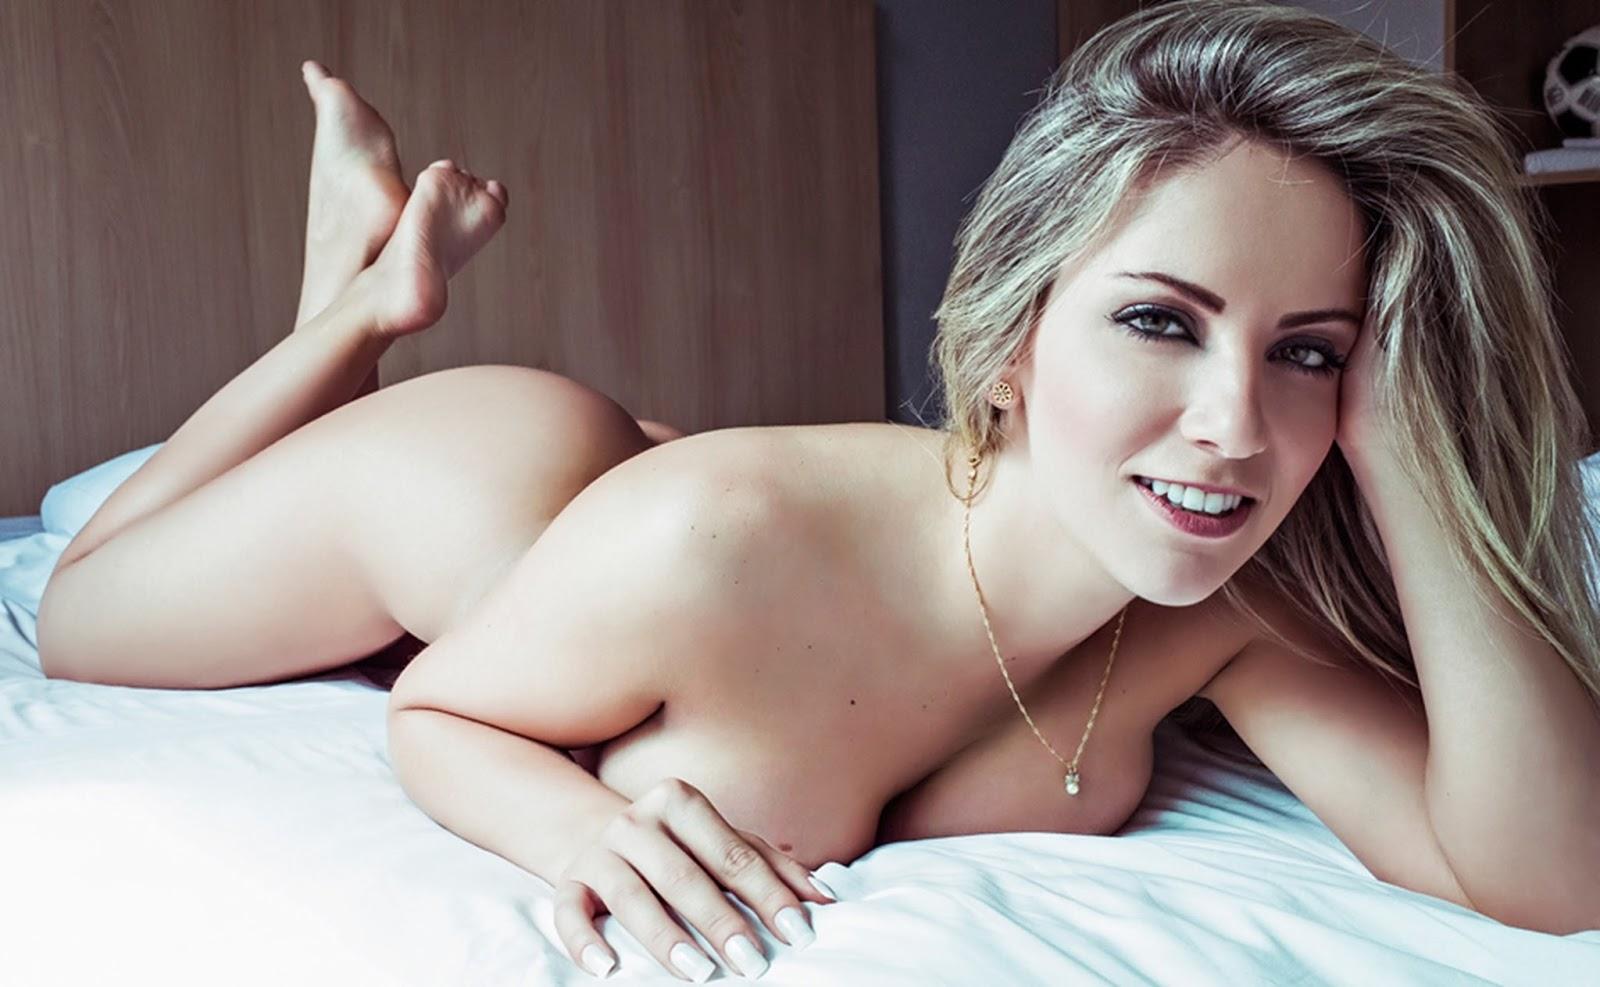 Franciele Perãos Pictures Hotness Rating 93010